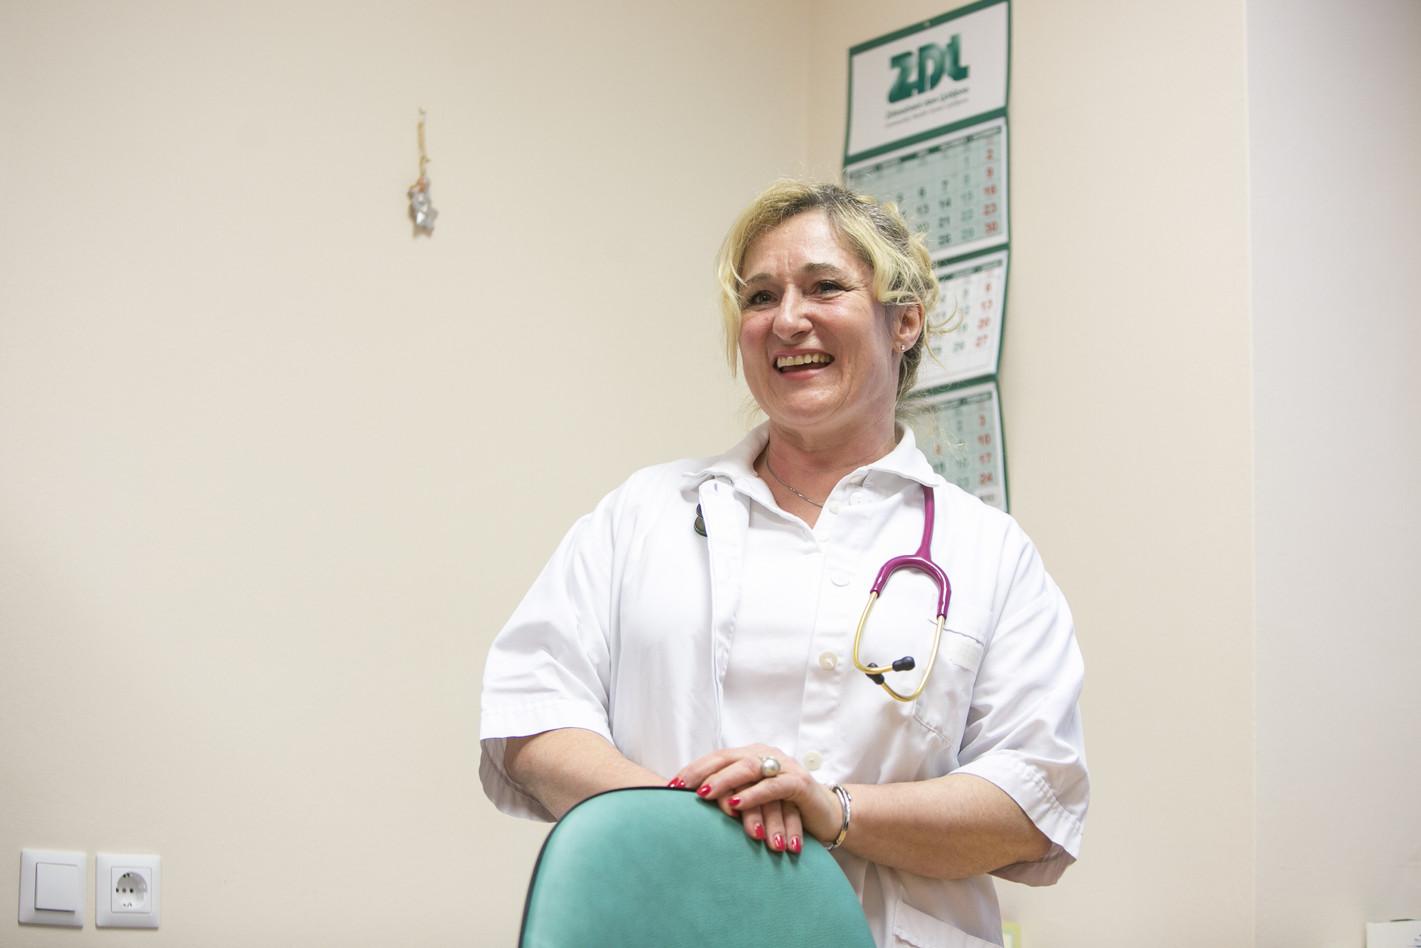 Simona Repar Bornšek, family physician, presenting work in a model practice